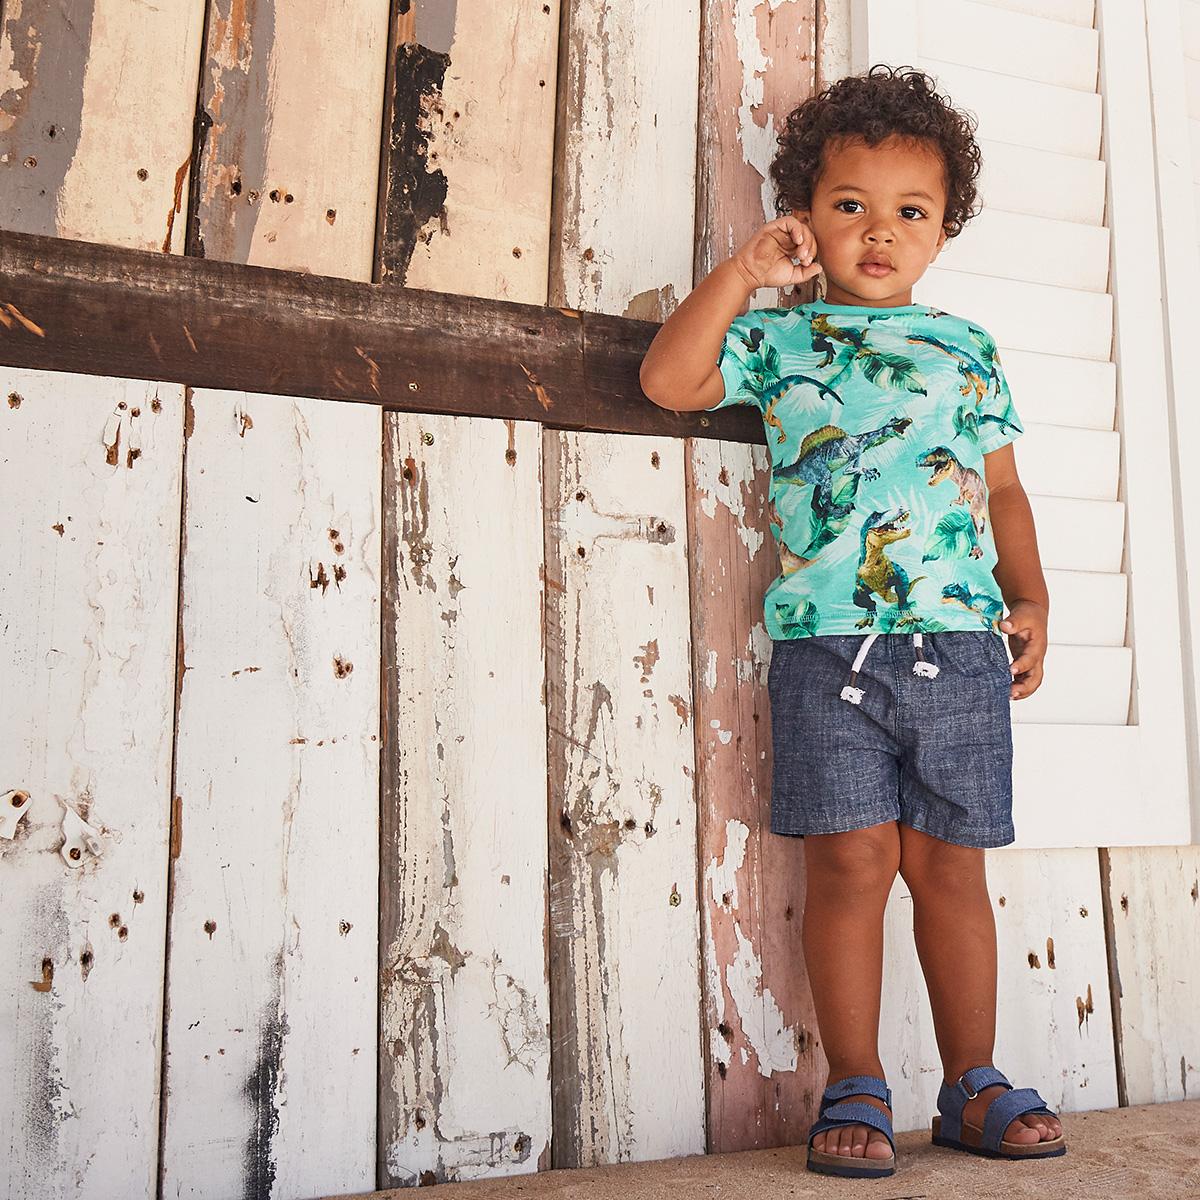 717e948a644 Young Boys Clothing Collection